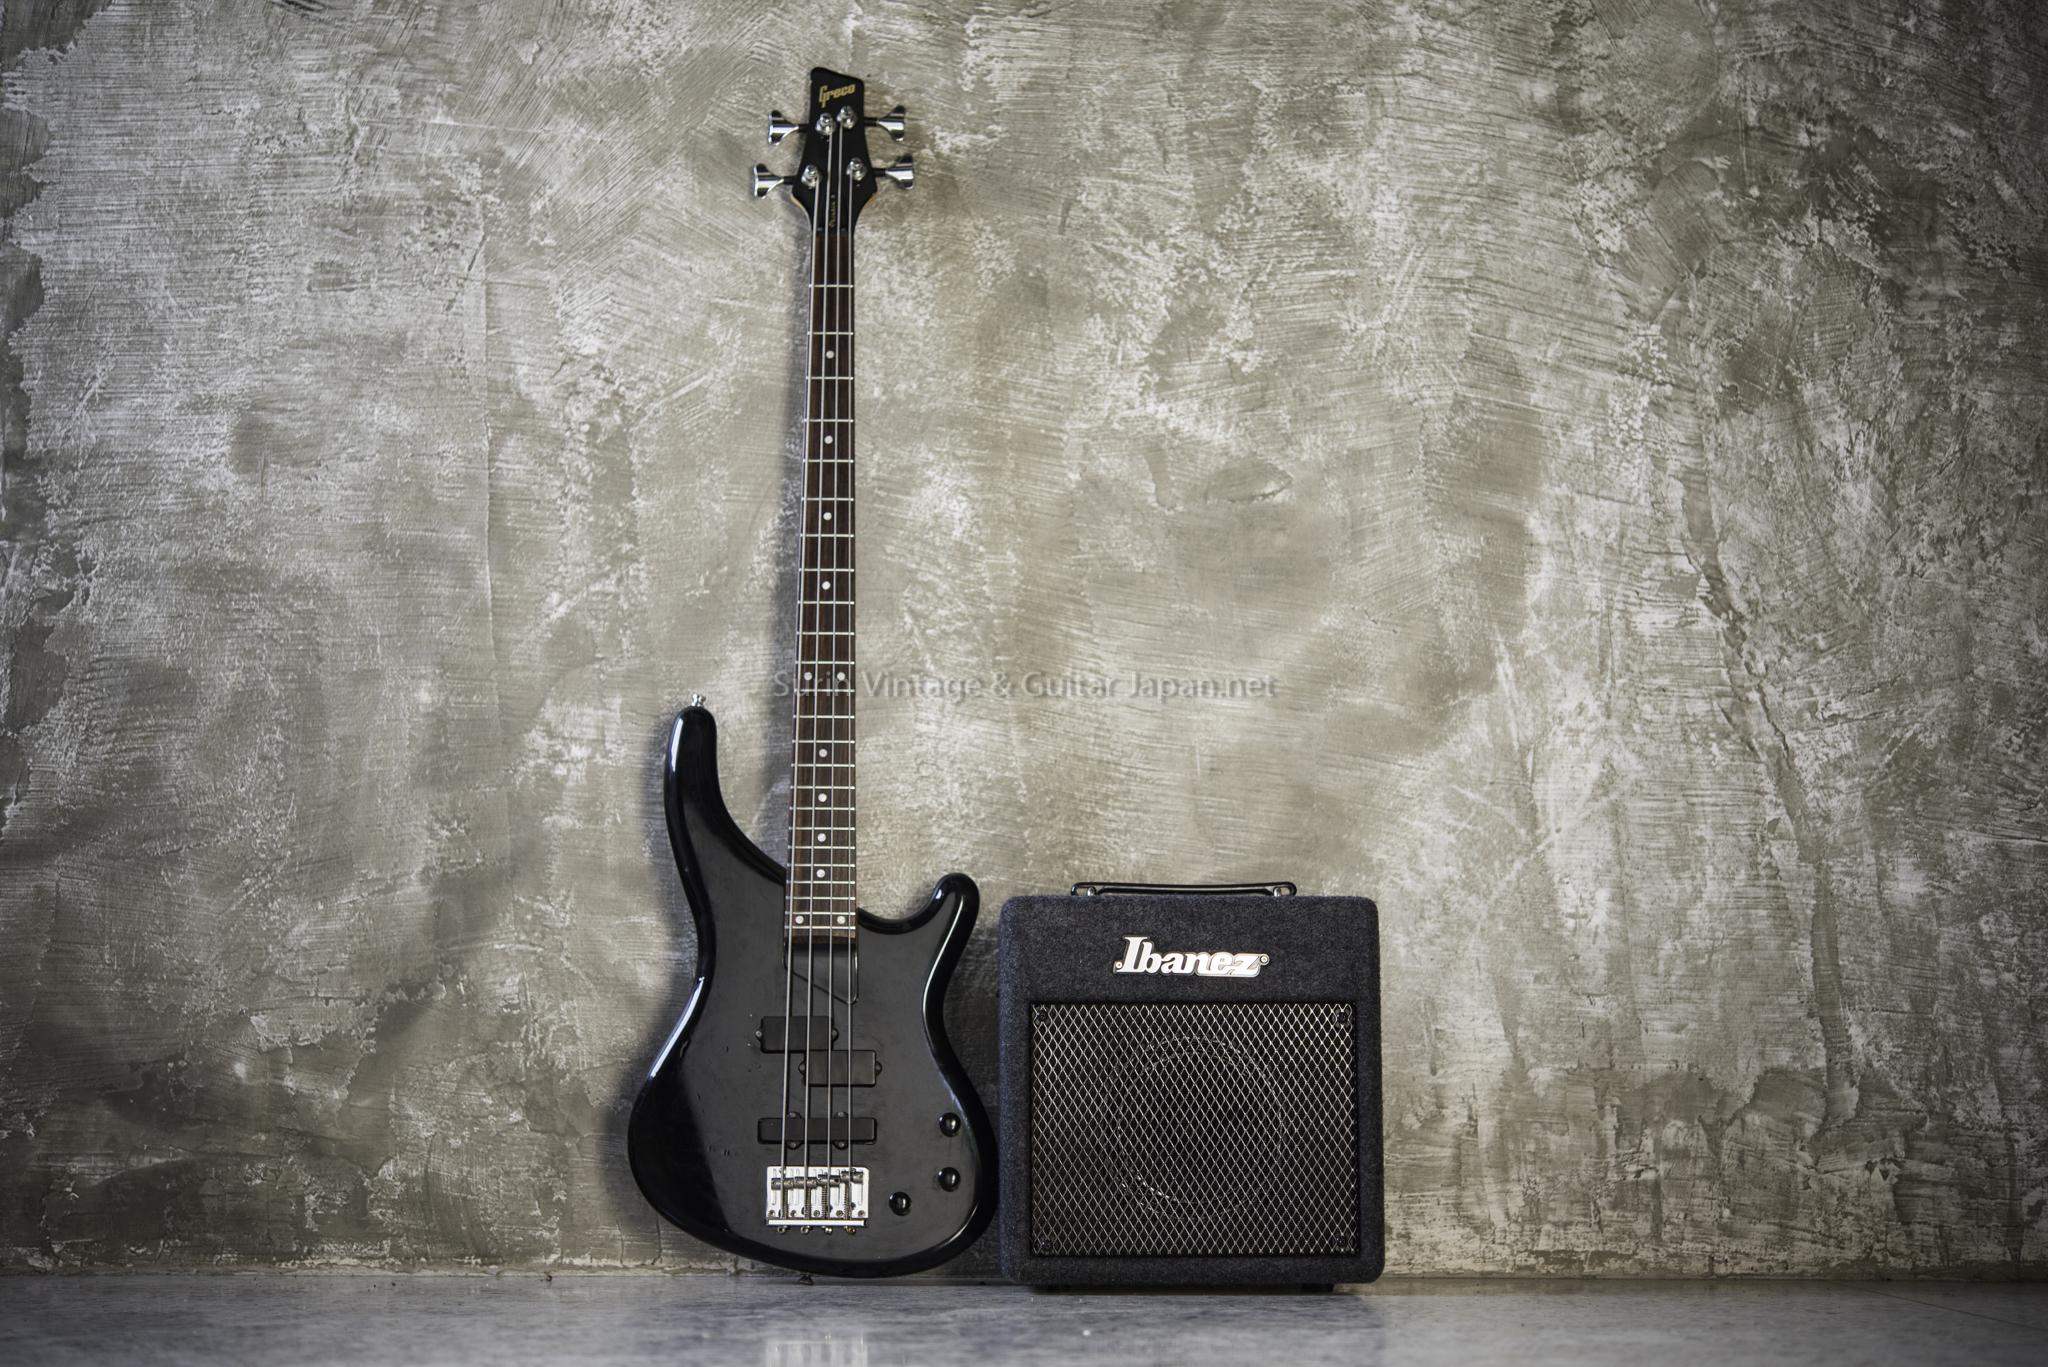 แอมป์เบสไฟฟ้ามือสอง IBANEZ IBZ-B Bass Amp No.4